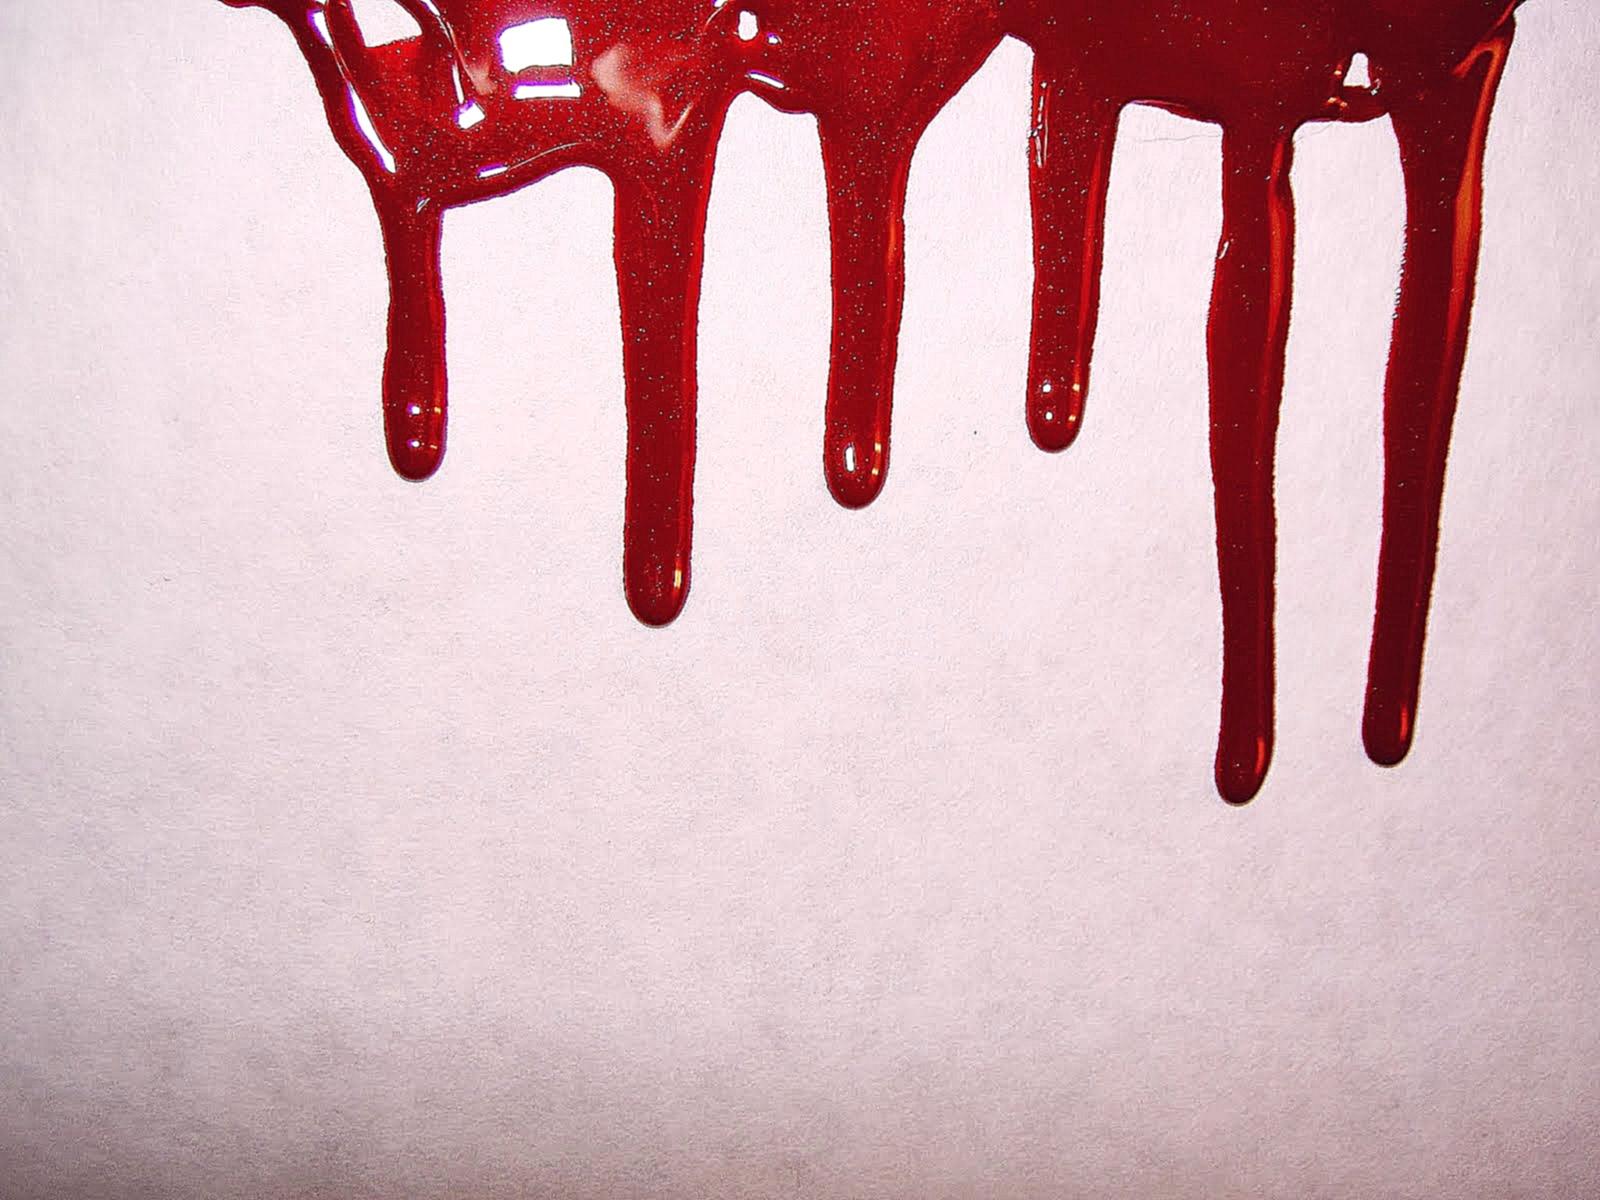 egy álomban vörös foltok vannak a kezeken)